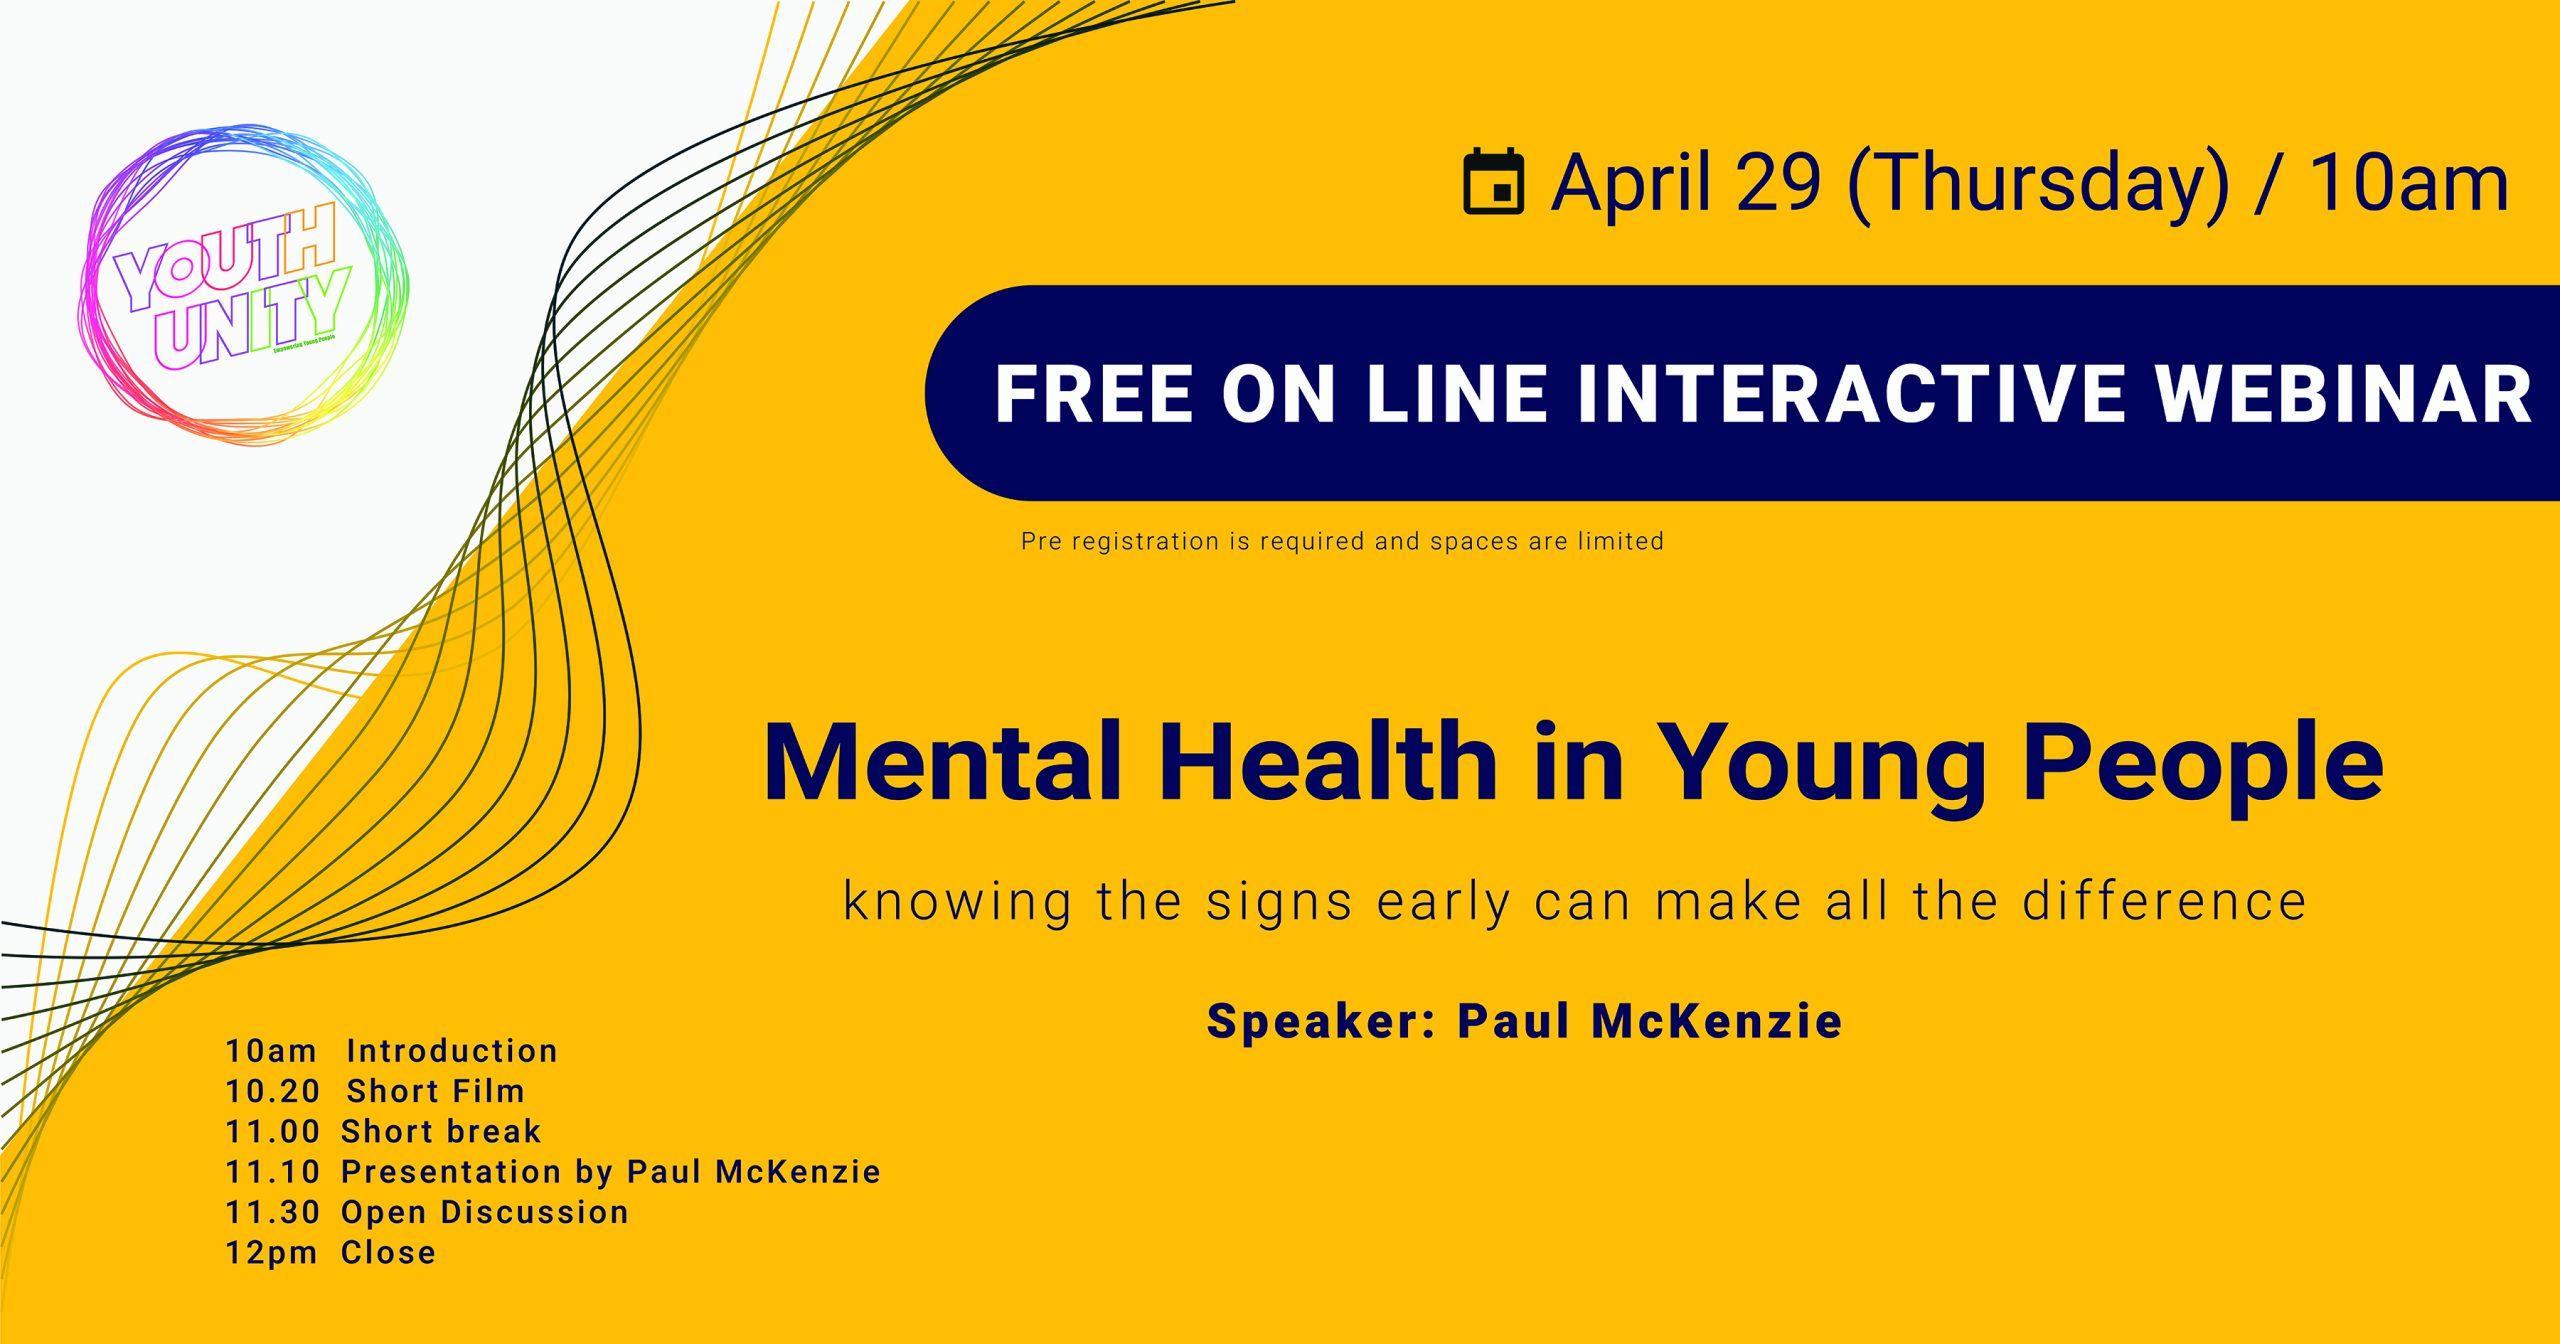 Youth Unity Mental Health Webinar